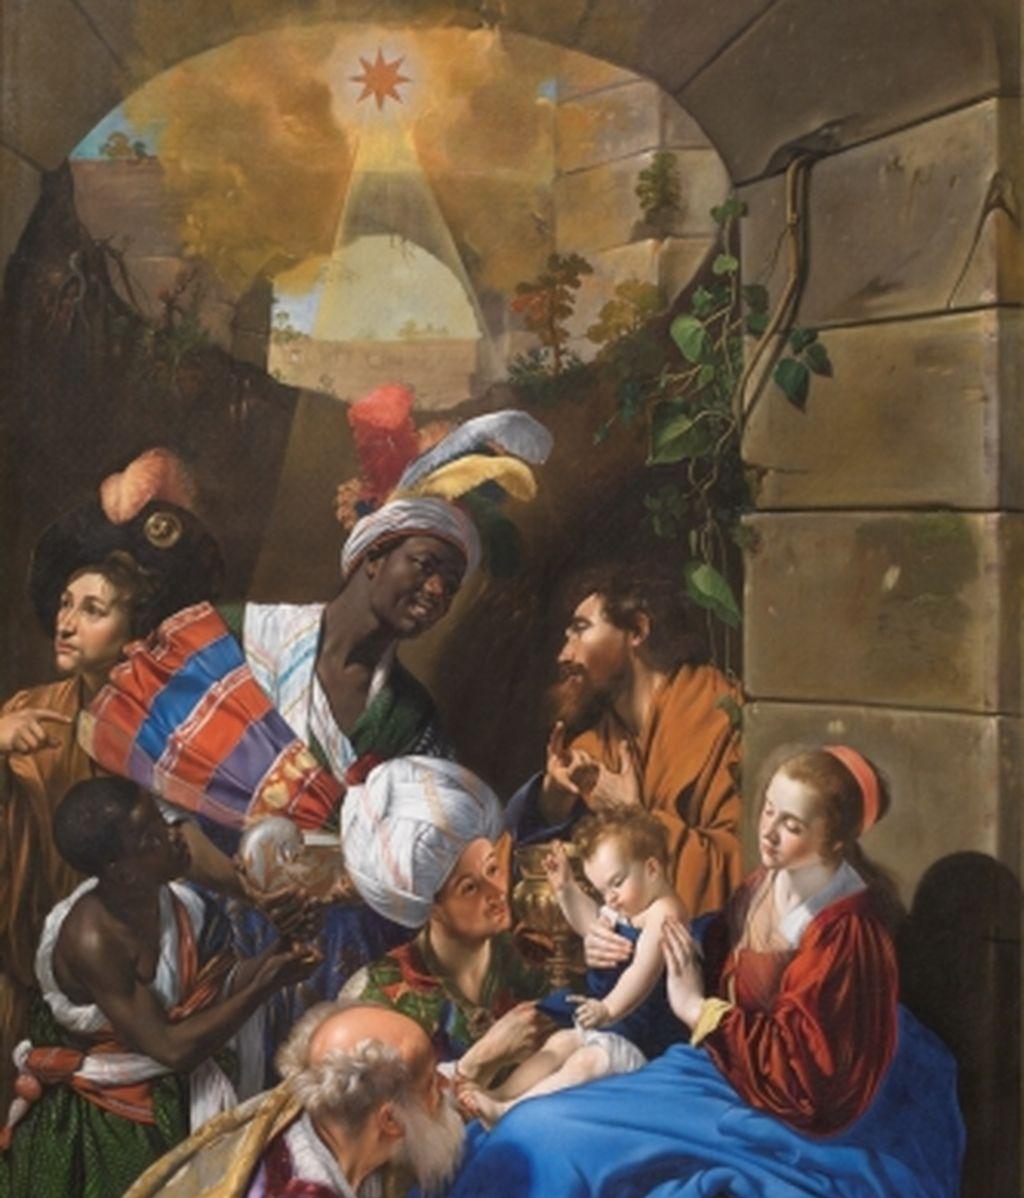 Recorrido de tres horas en el Museo del Prado